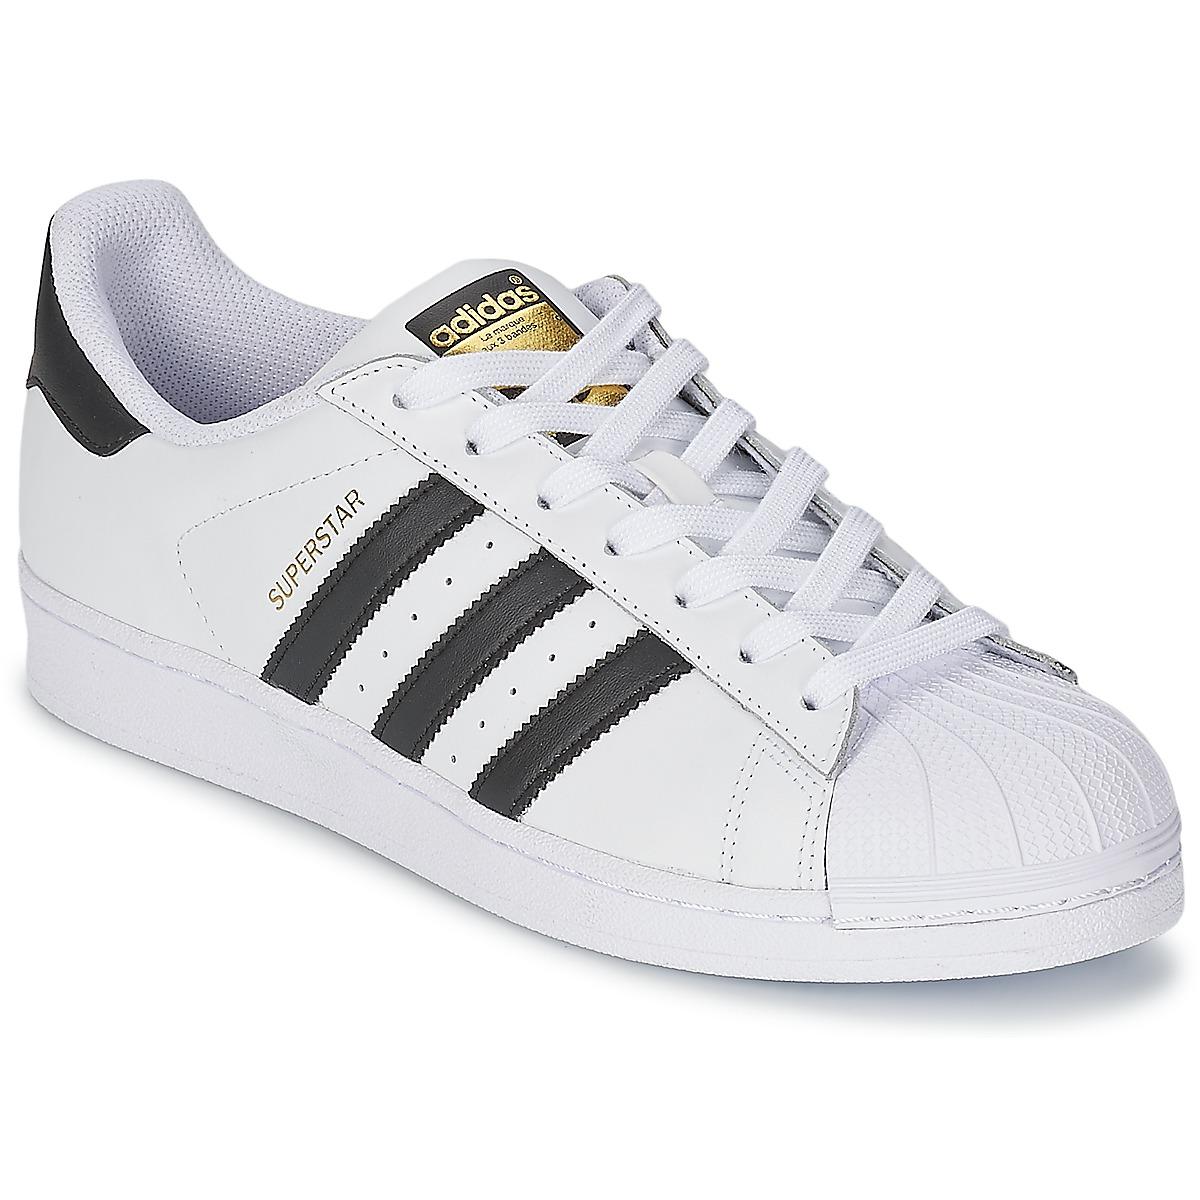 f742d7f9112 adidas Originals SUPERSTAR Branco   Preto - Entrega gratuita com a  Spartoo.pt ! - Sapatos Sapatilhas 86